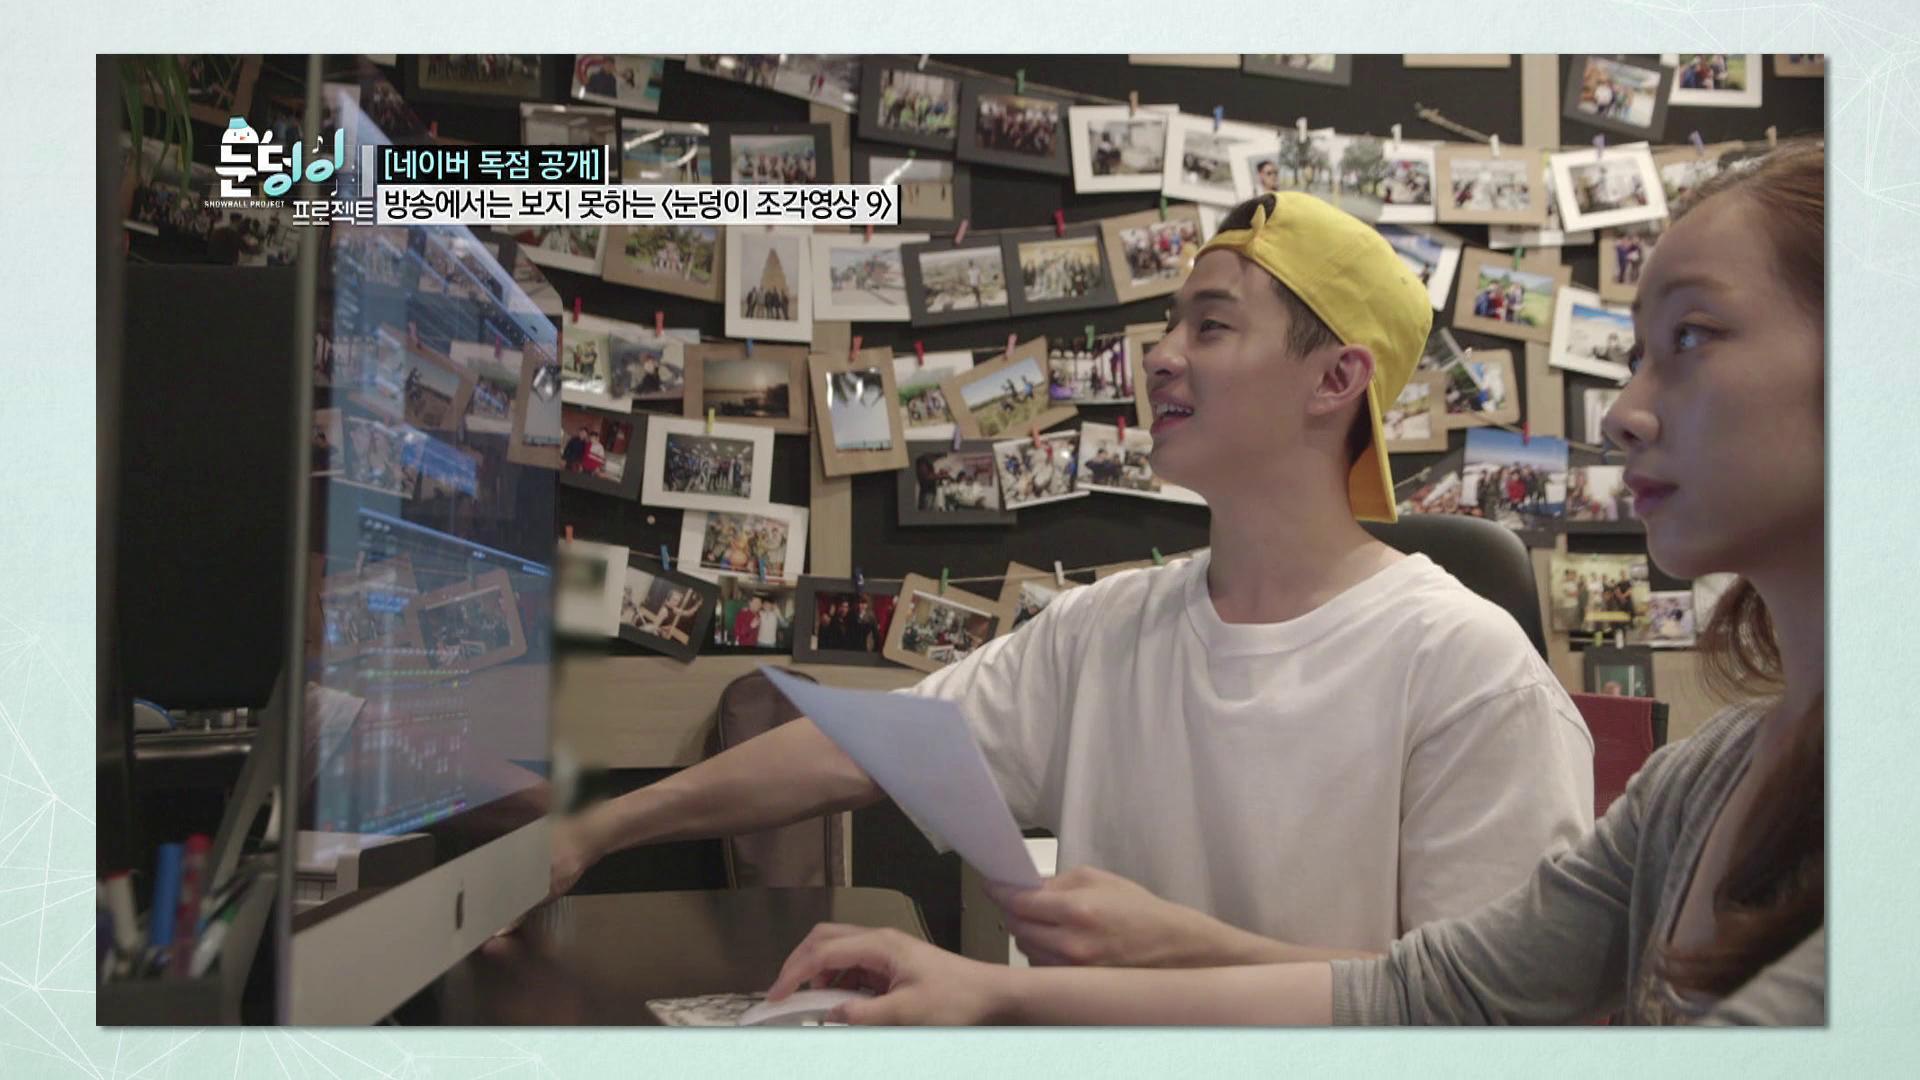 [단독] 눈덩이 프로젝트 조각영상 9 - <환생>녹음현장 & 퍼센트의 소화제 라이브